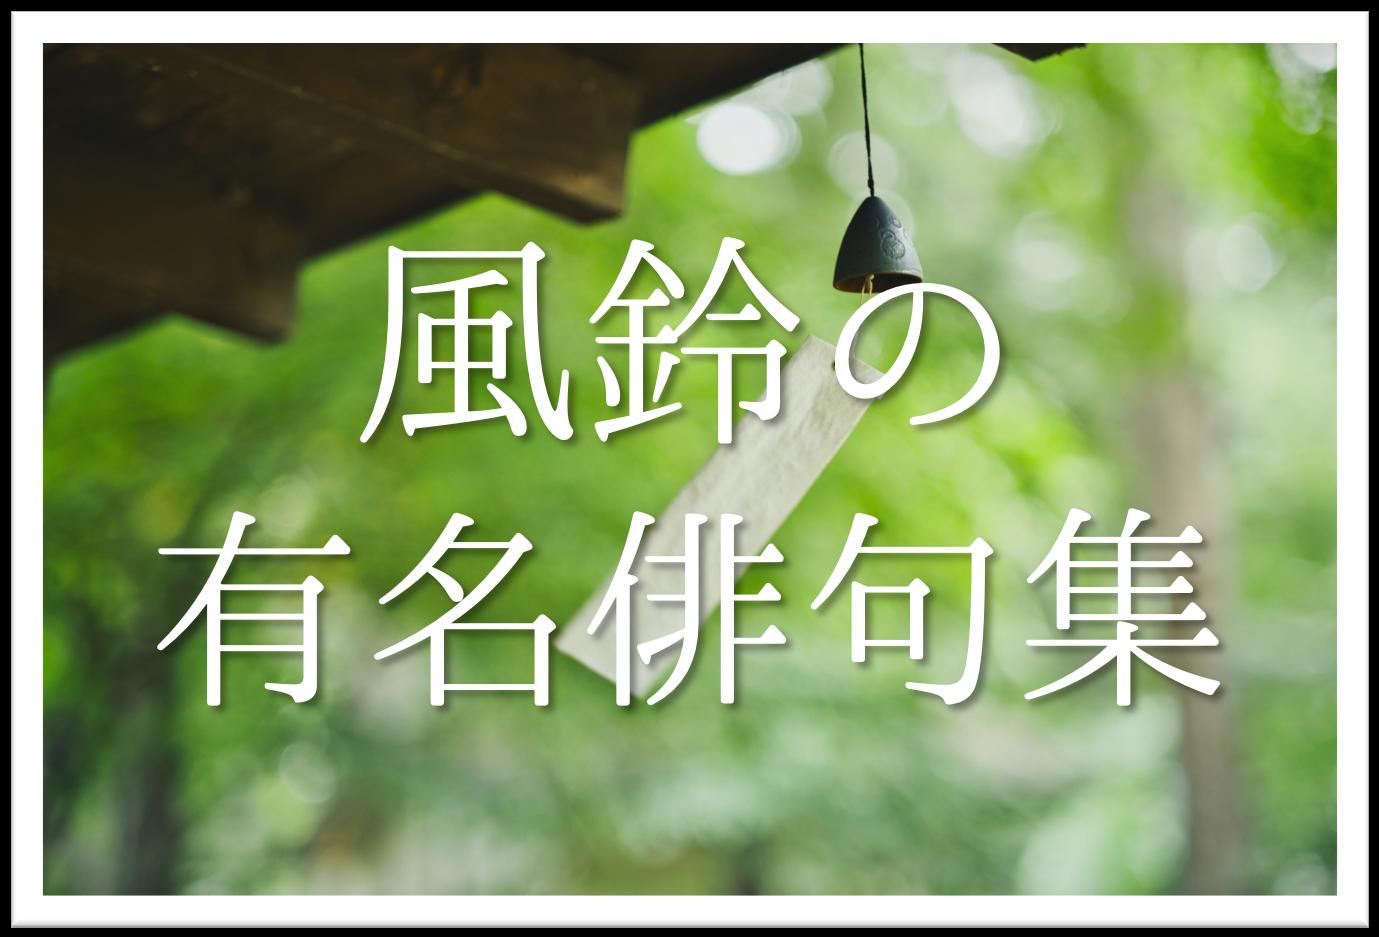 【風鈴の俳句 20選】知っておきたい!!季語を含むおすすめ有名&素人俳句を紹介!